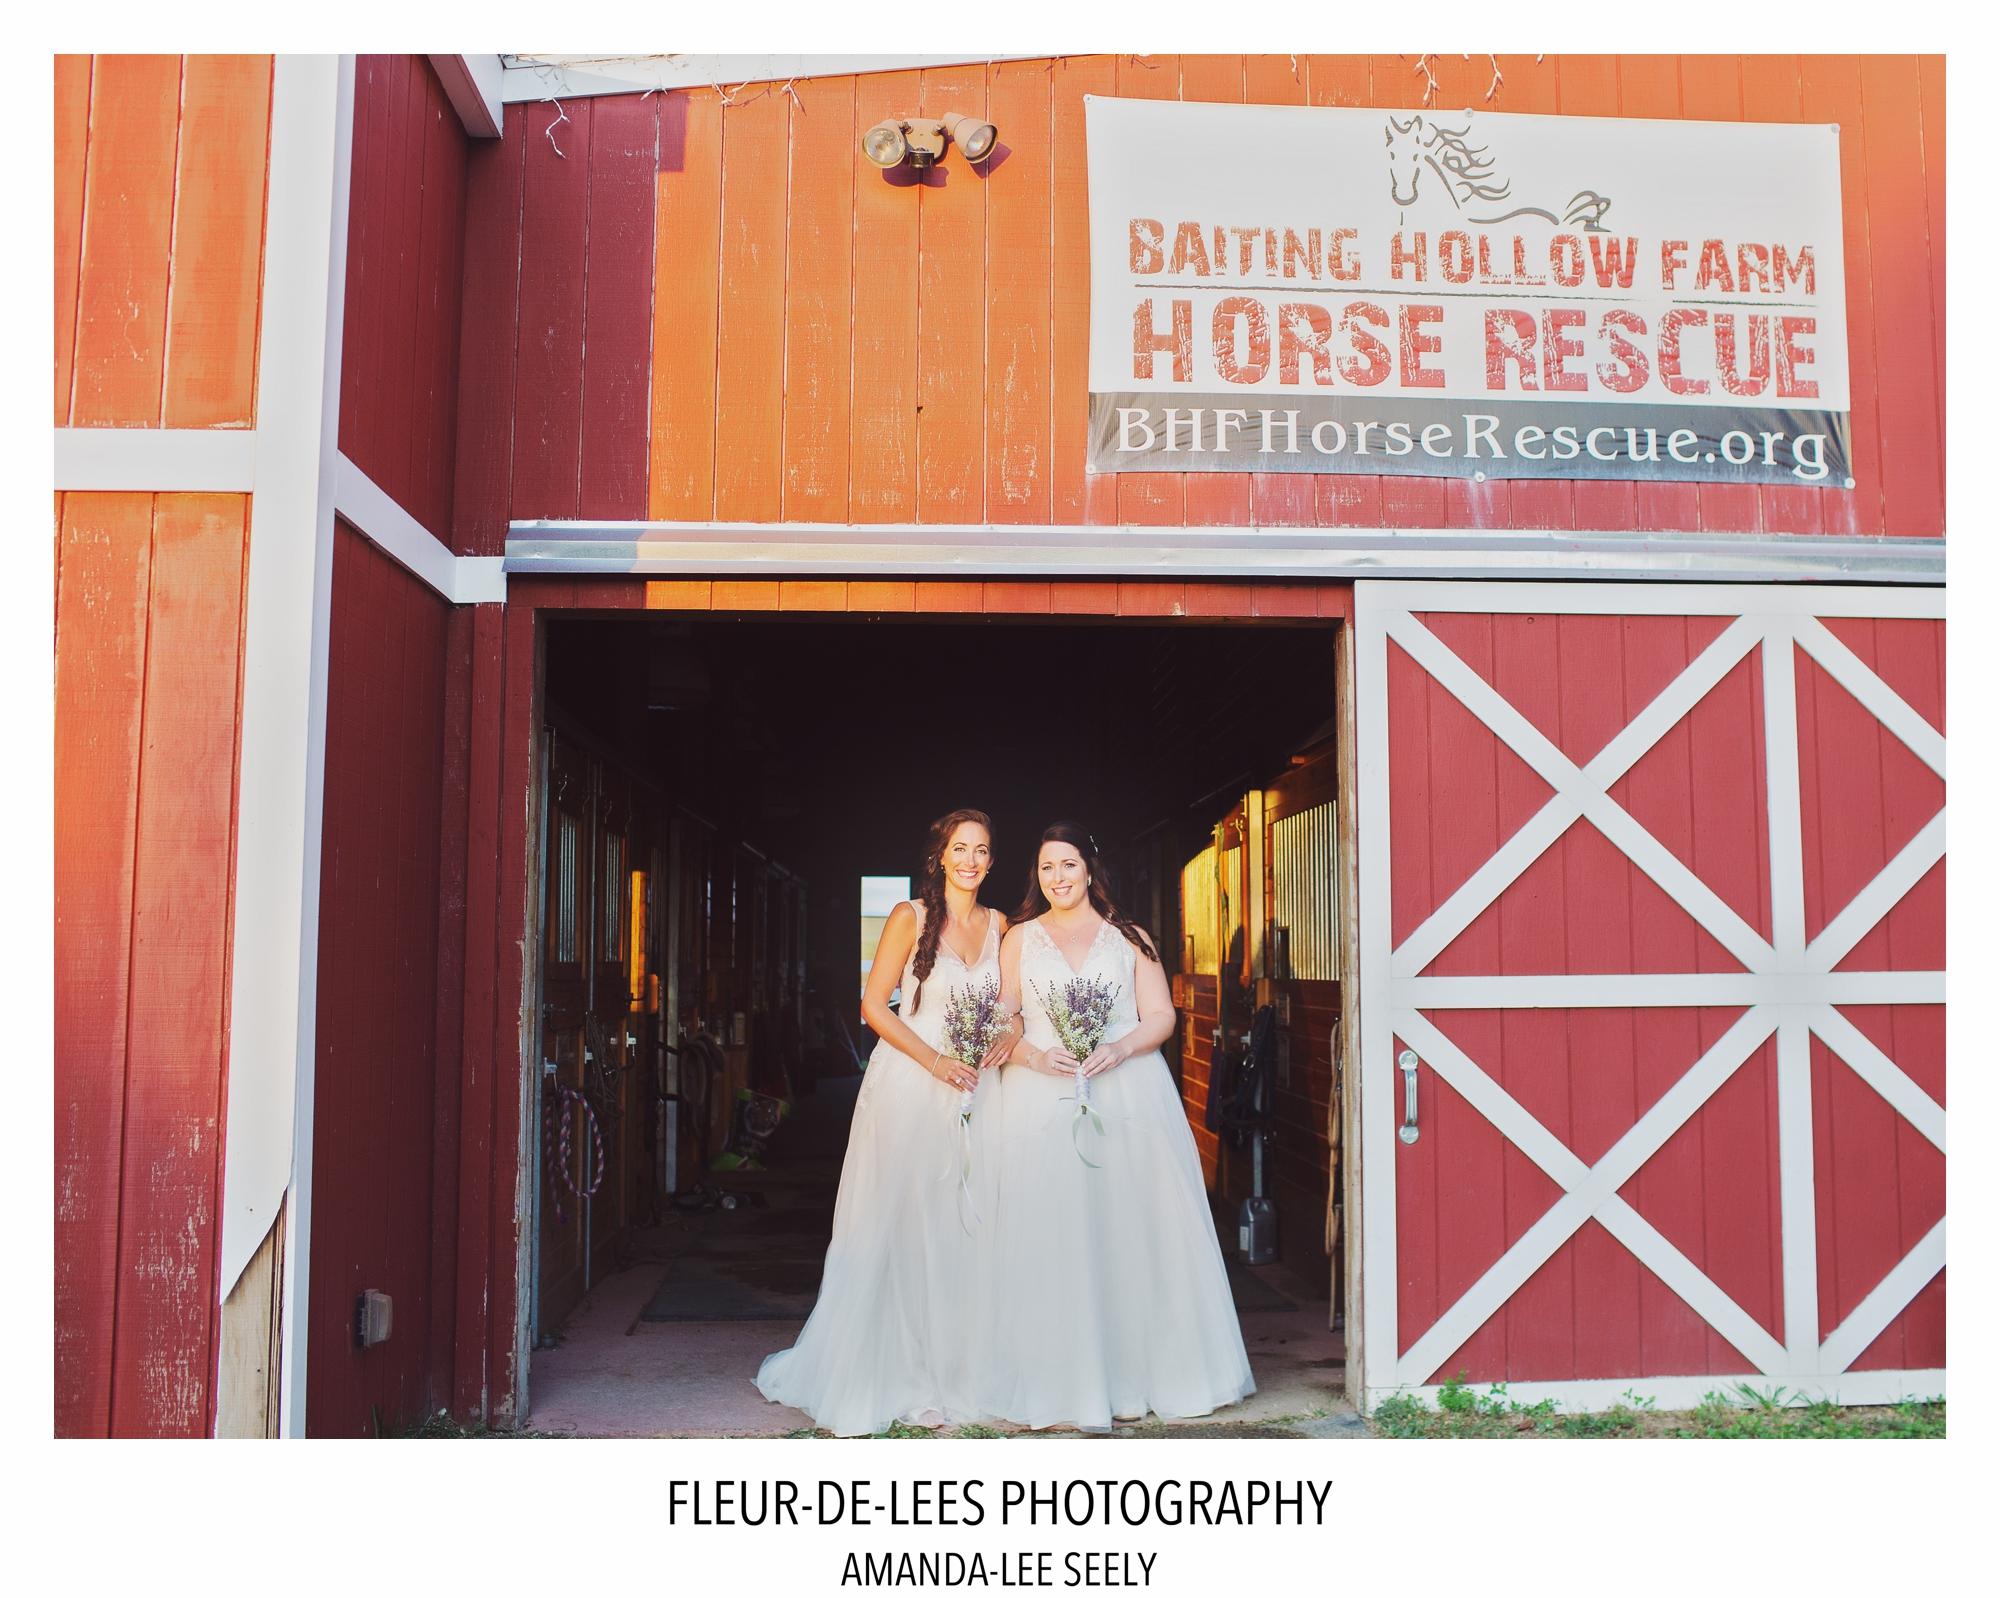 BLOG RACHEL AND AMANDA WEDDING 90